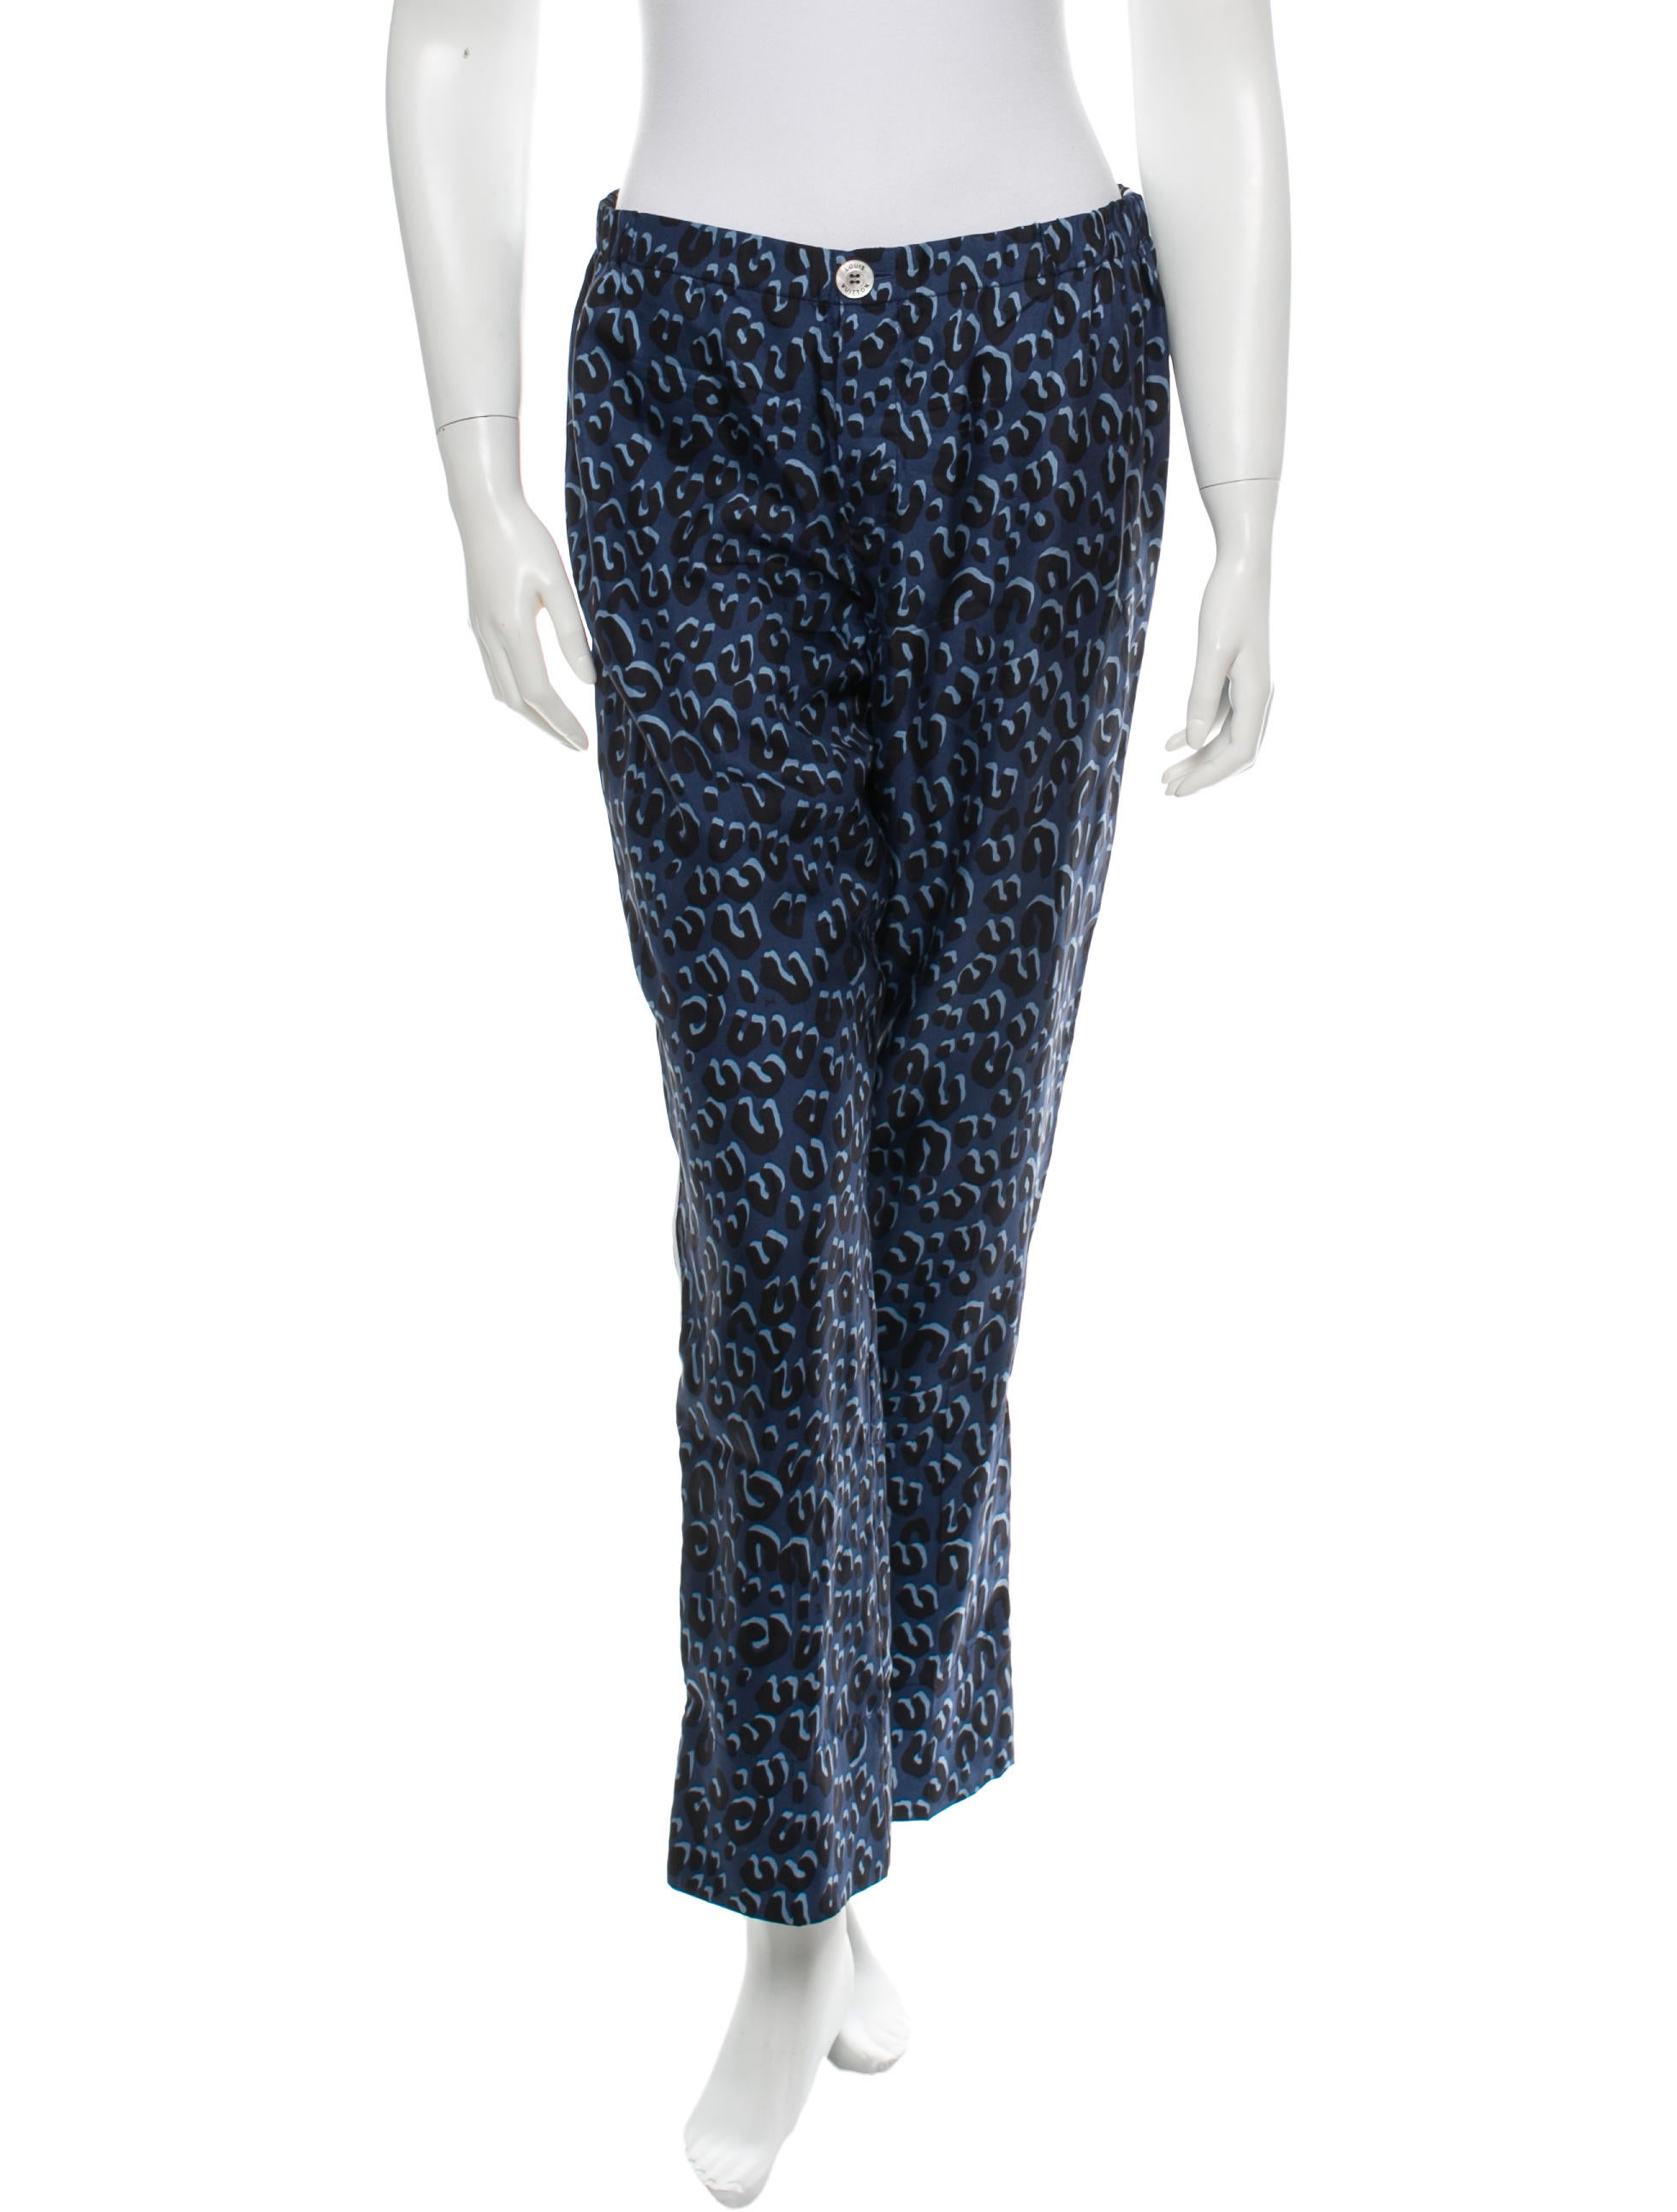 Model Louis Vuitton Pants  Pants  LOU56168  The RealReal